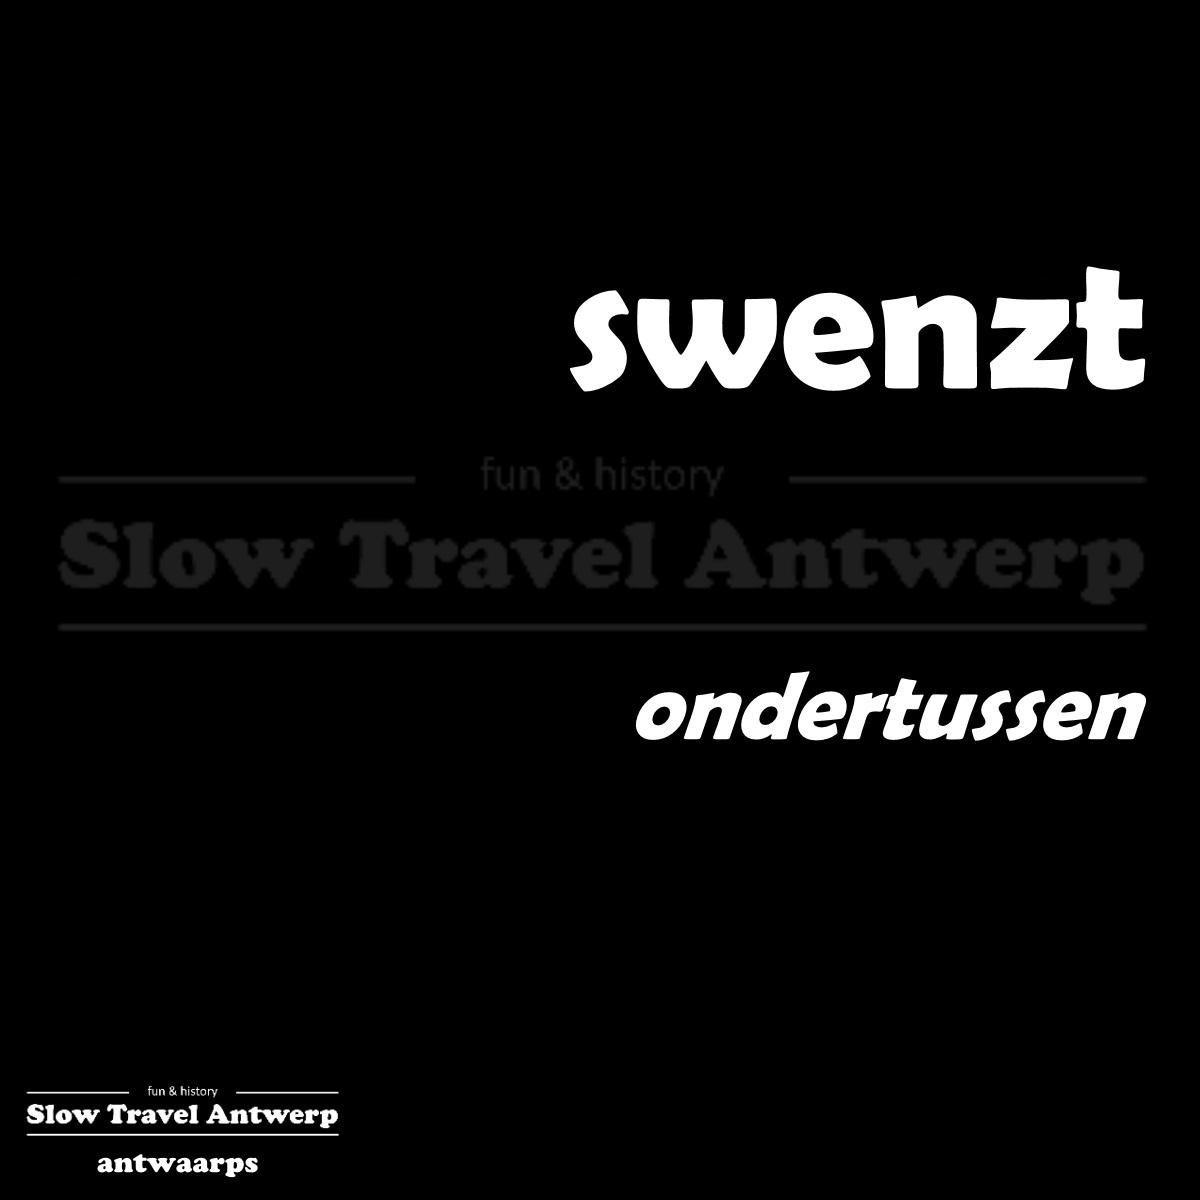 swenzt – ondertussen – meanwhile